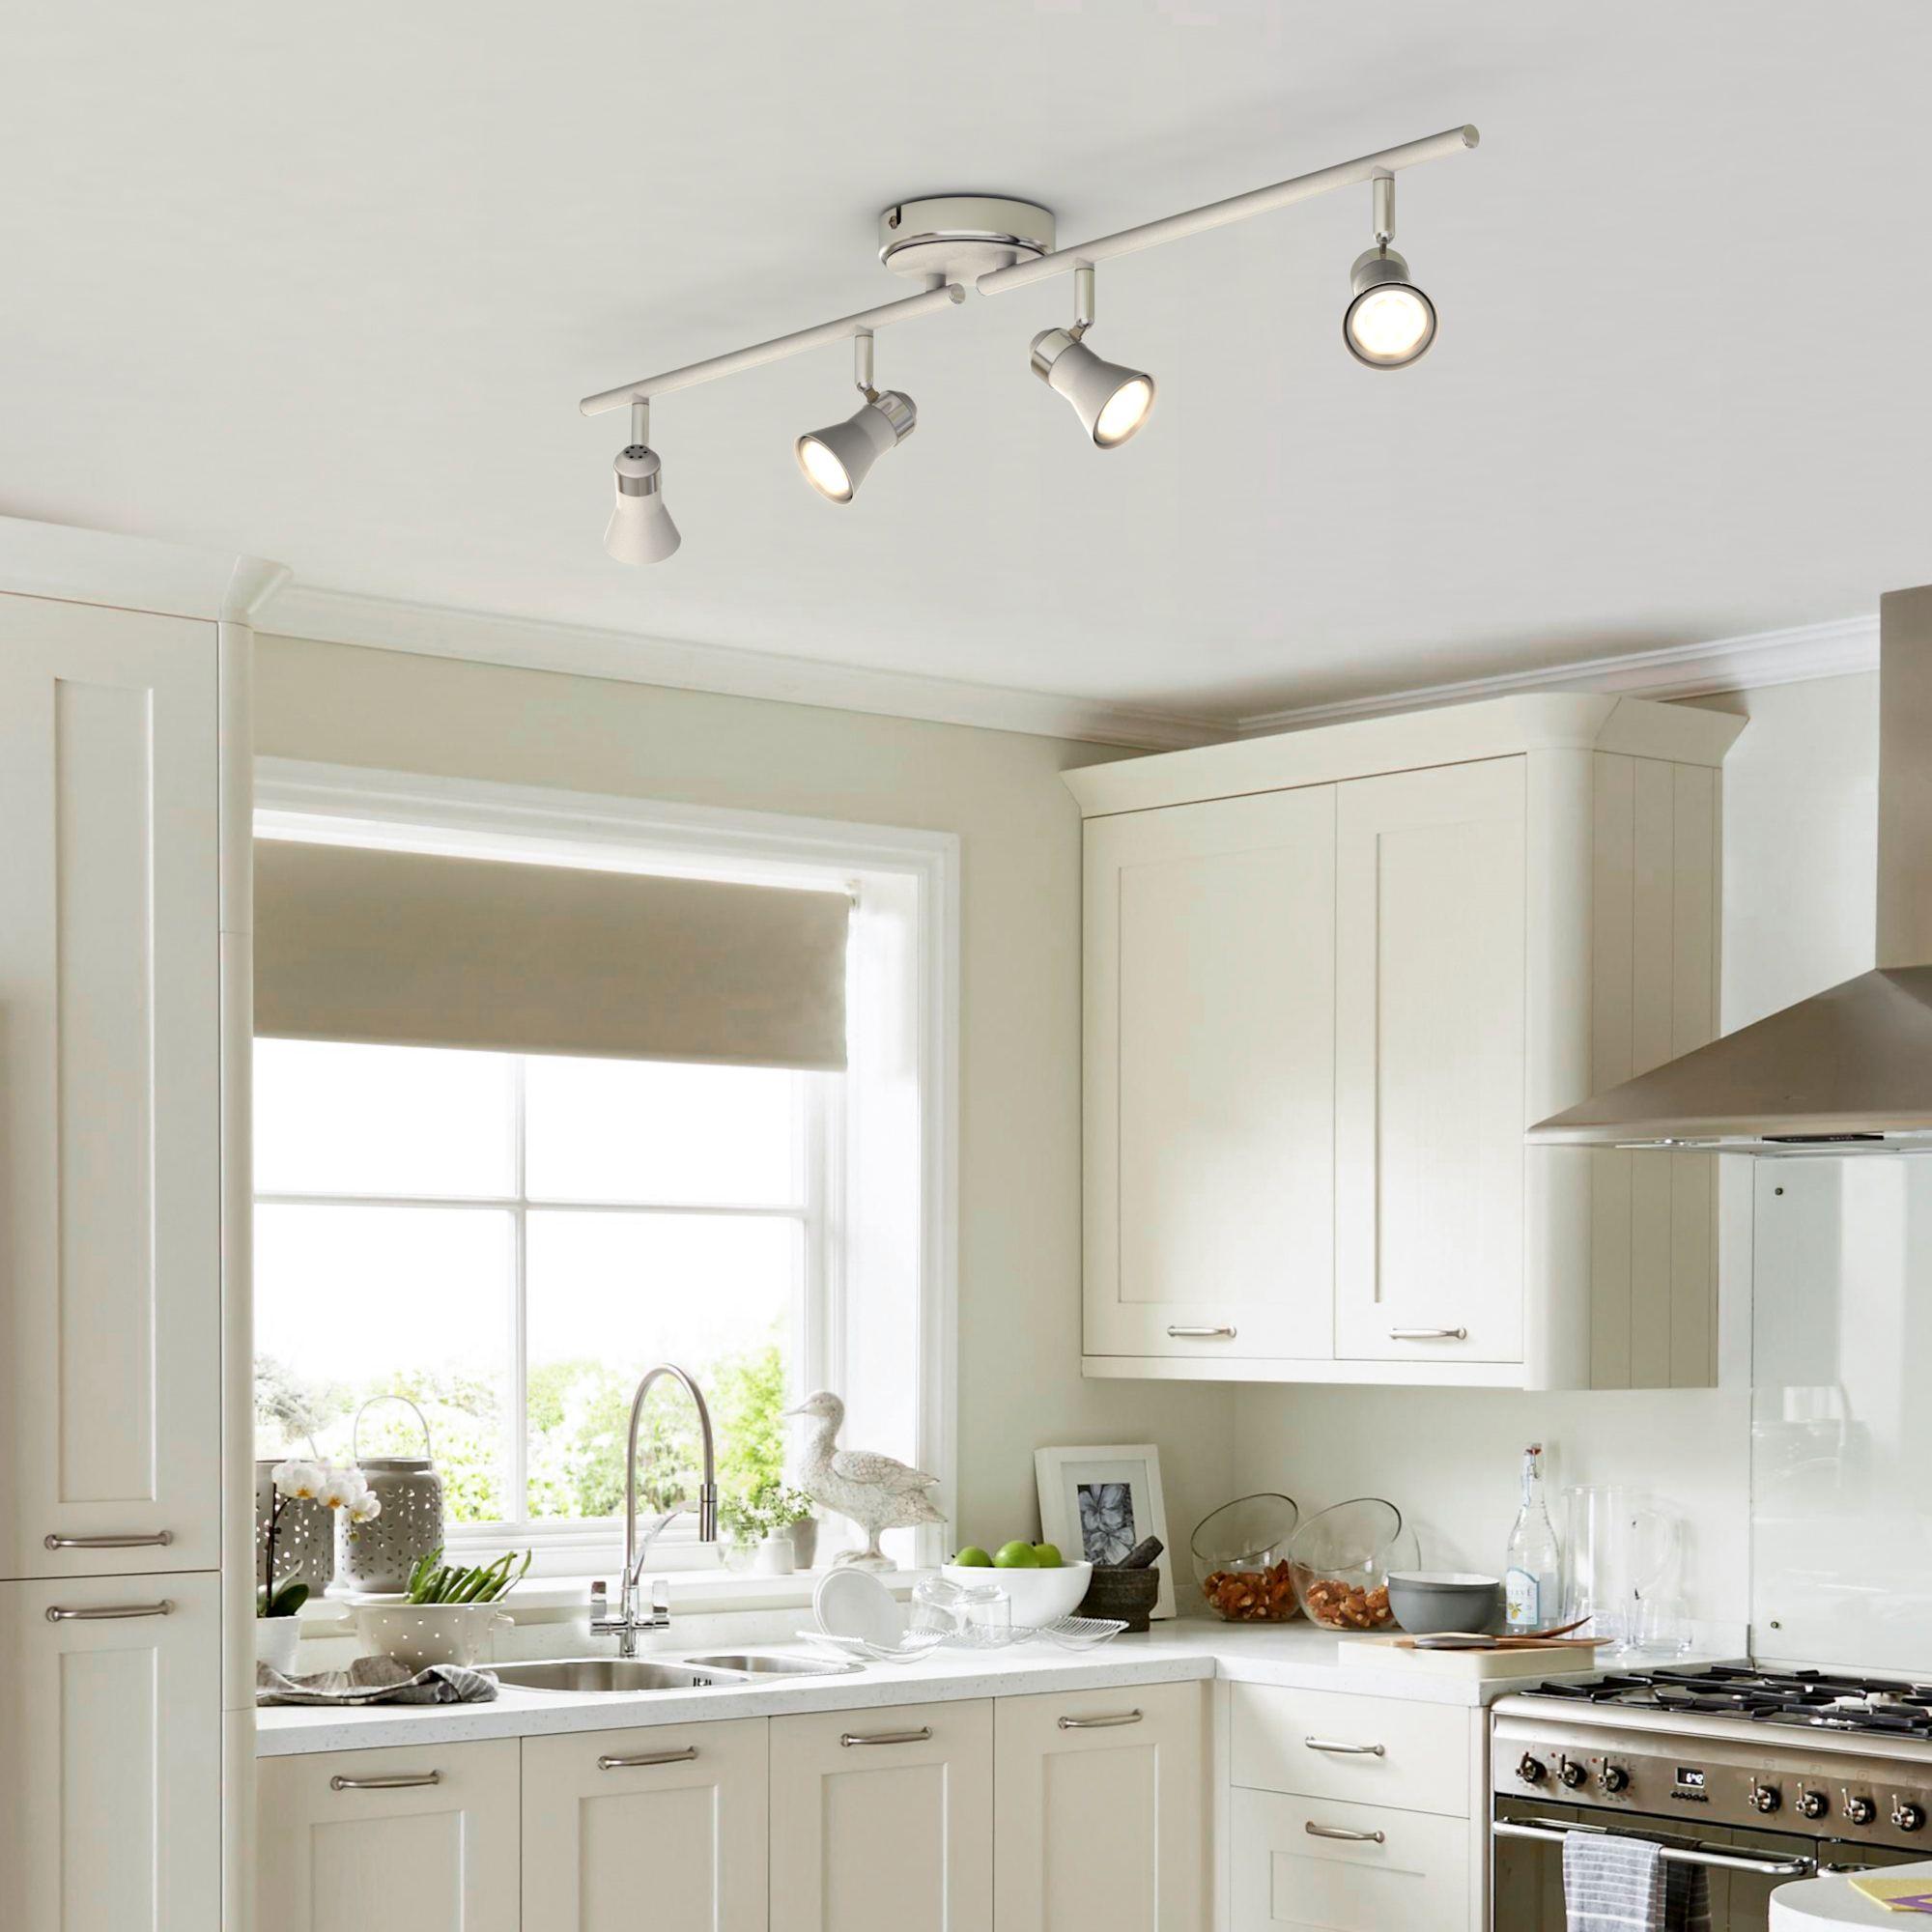 kitchen lights kitchen ceiling lights spotlights rh diy com kitchen ceiling lighting fixtures kitchen ceiling light fixtures flush mount